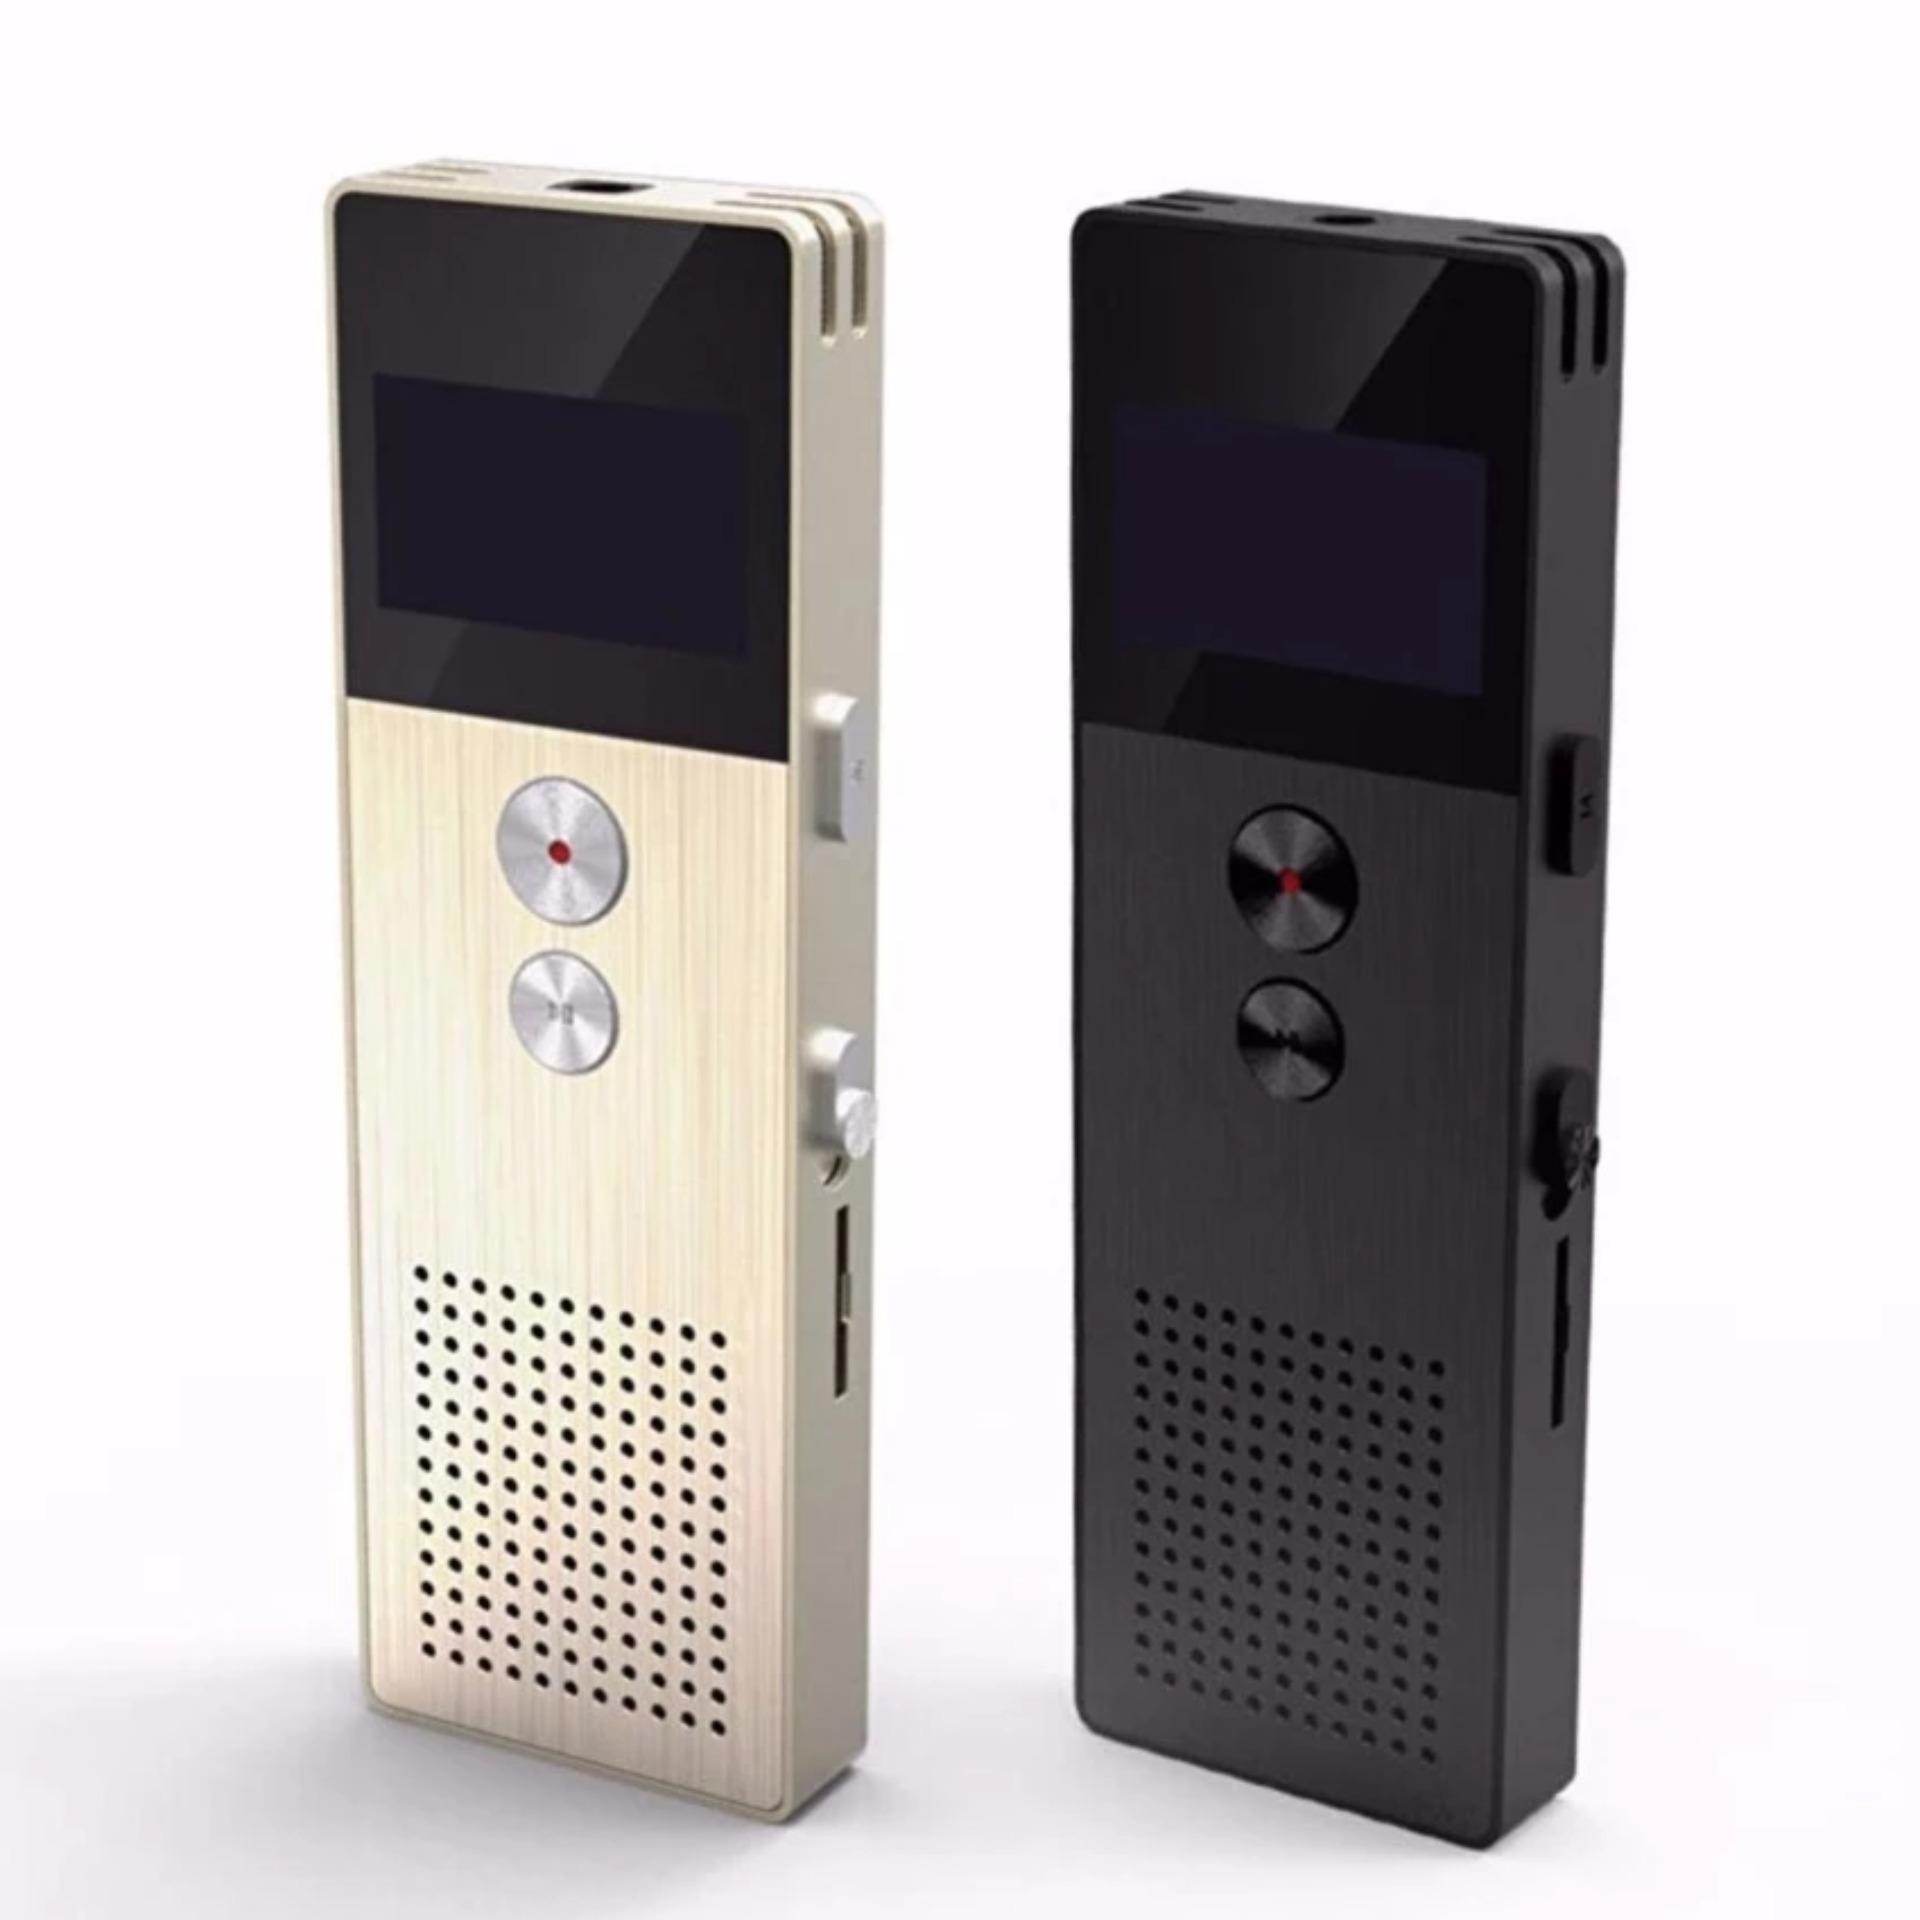 Nơi nào bán Máy ghi âm chơi nhạc chuyên nghiệp (Remax-RP1) 8GB màn hình LED âm thanh Digital tiêu chuẩn CE/RoHS